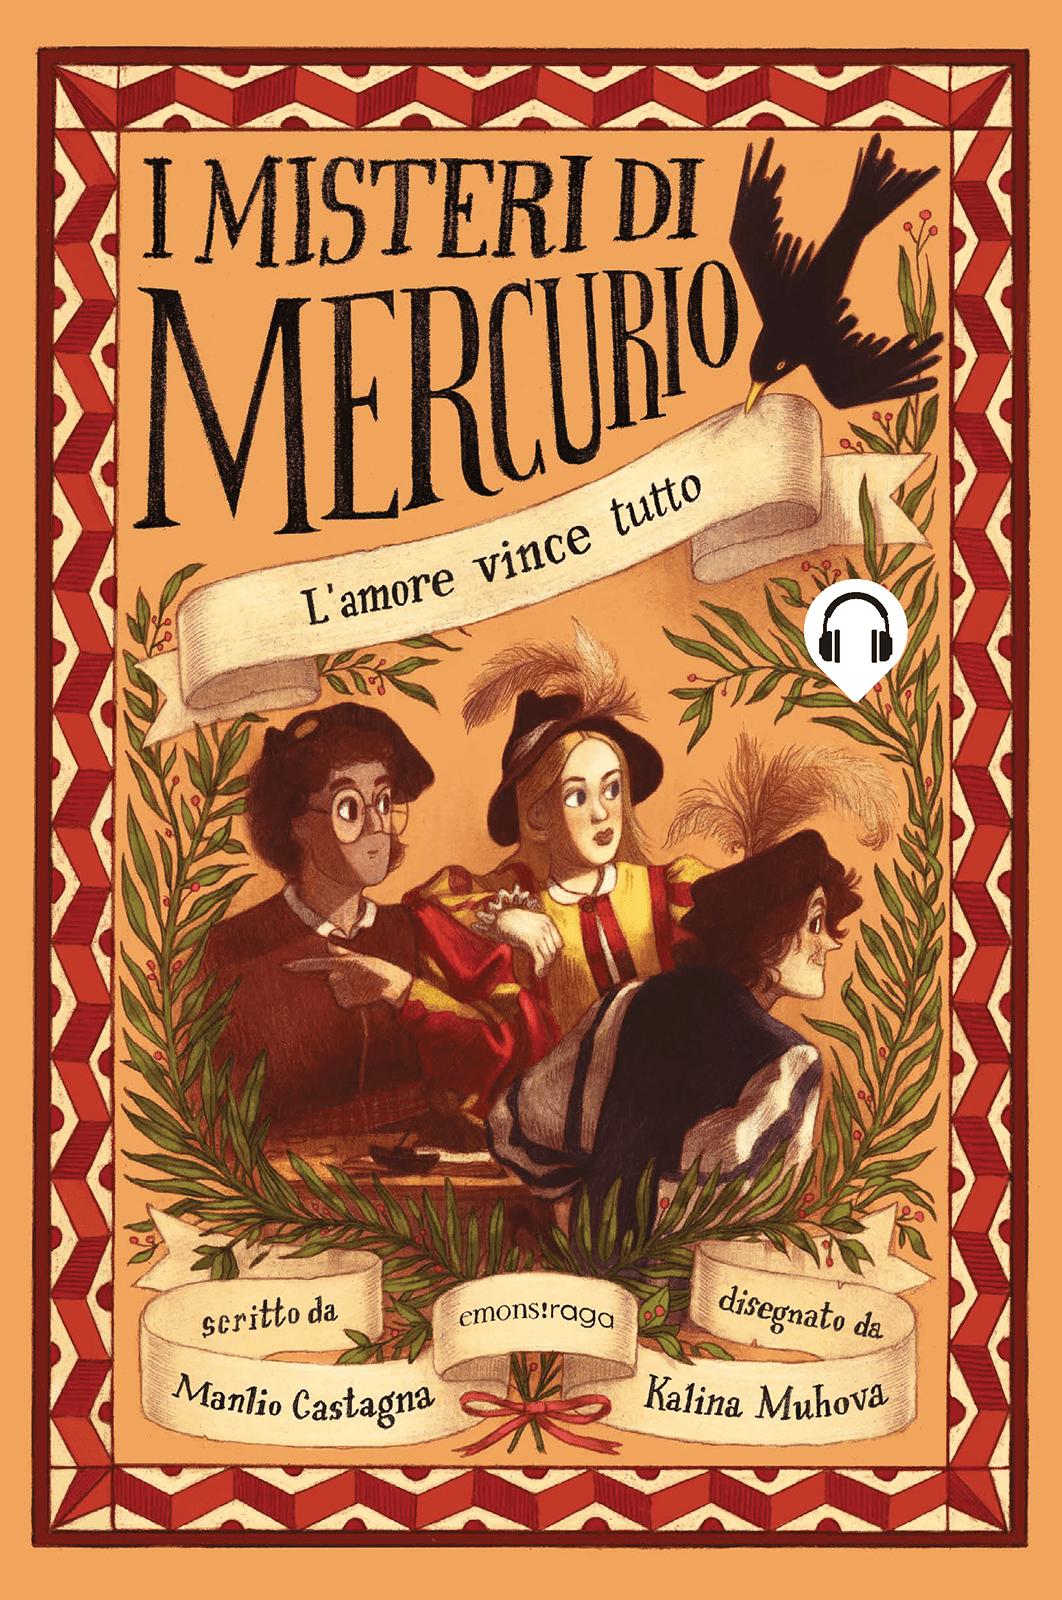 I misteri di Mercurio, L'amore vince tutto